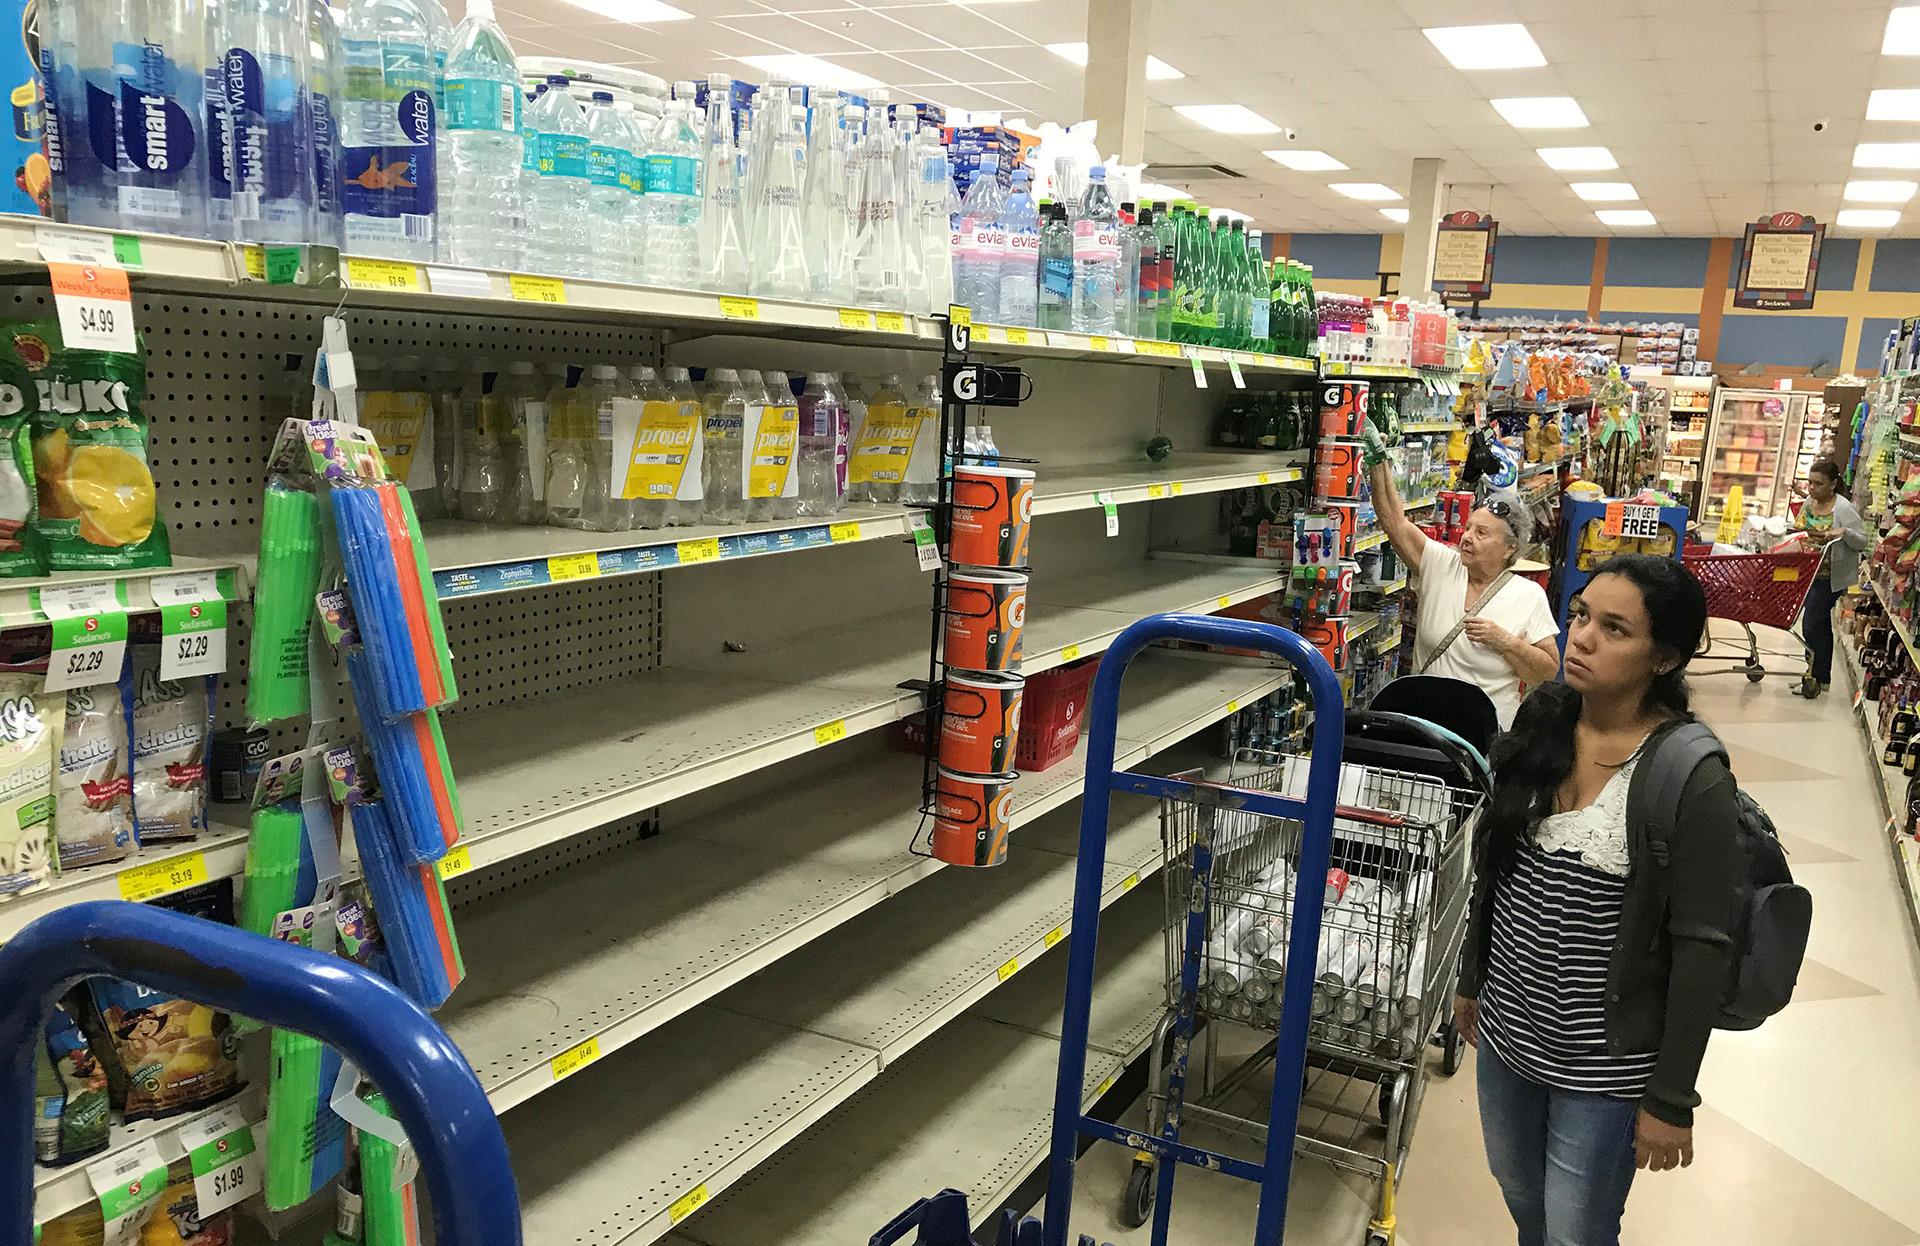 Las góndolas comienzan a etsar vacías en slos supermercados de Miami, en el barrio de Little Havana